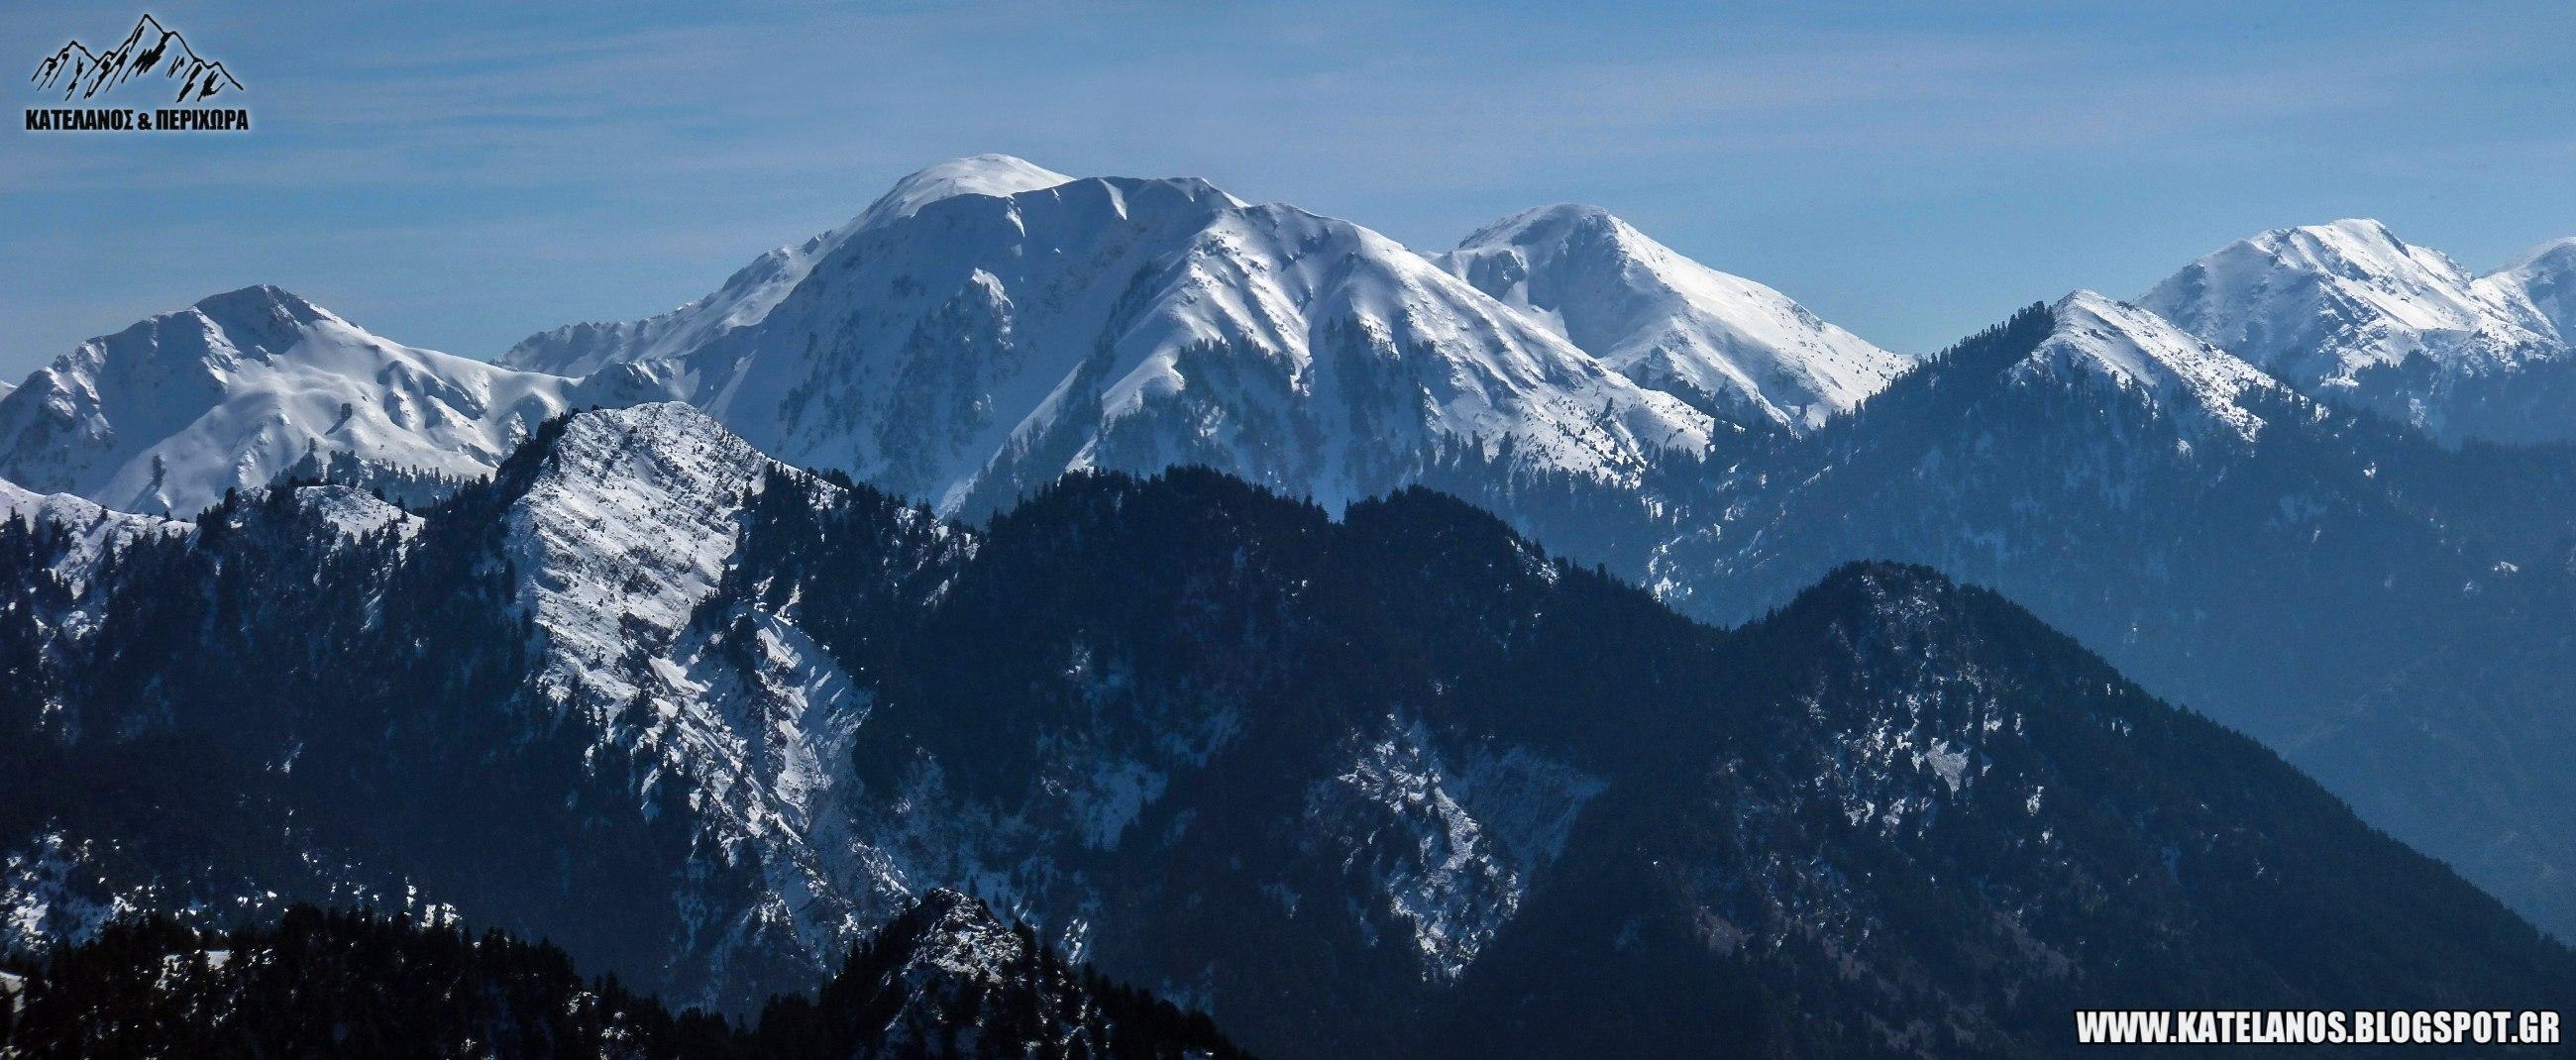 κατελανος βουνο χιονισμενο παναιτωλικο ορος κορυφες οροσειρα χειμωνας αιτωλοακαρνανια αξιοθεατα